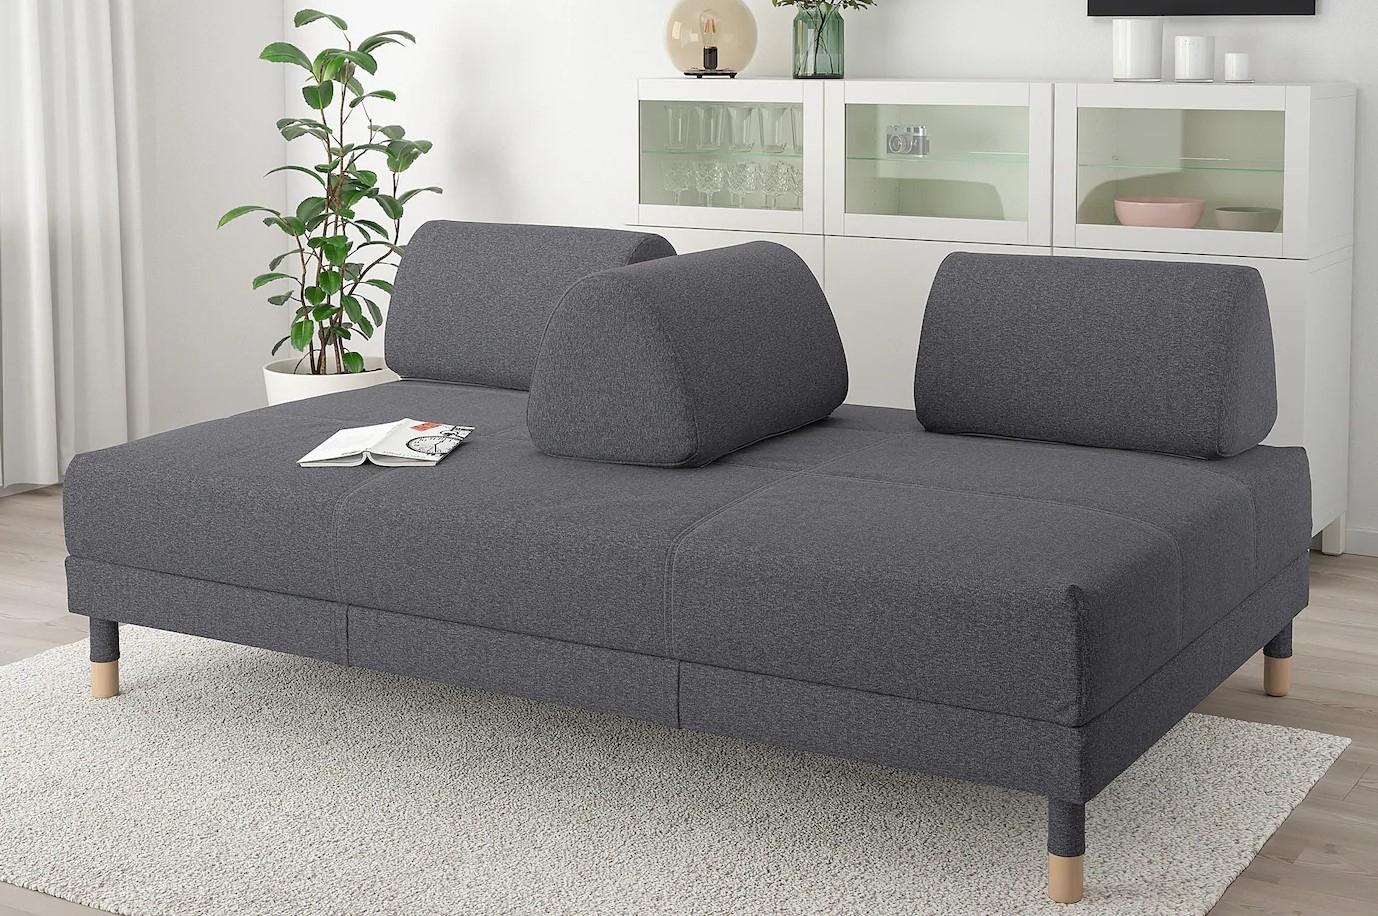 Canapé Convertible Ikea : 30 Modèles Pratiques Et Confort ... dedans Canape Convertible Tres Confortable